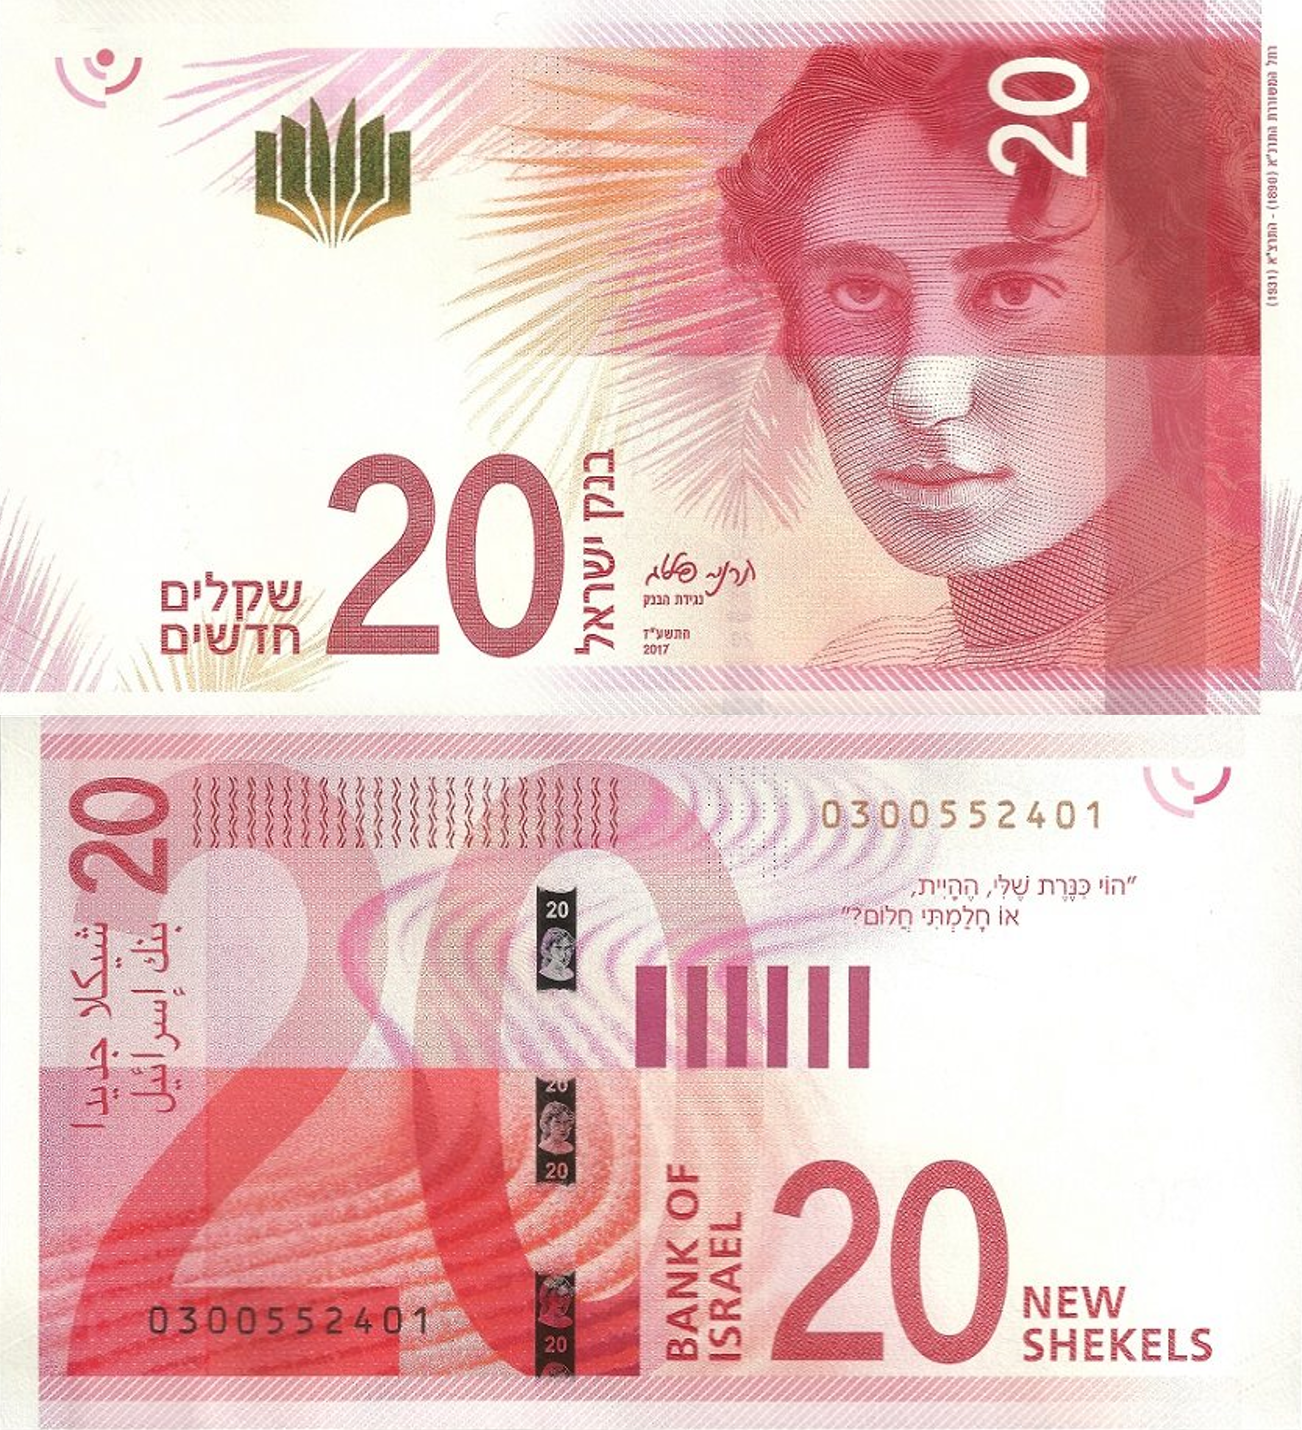 10 schekel in euro